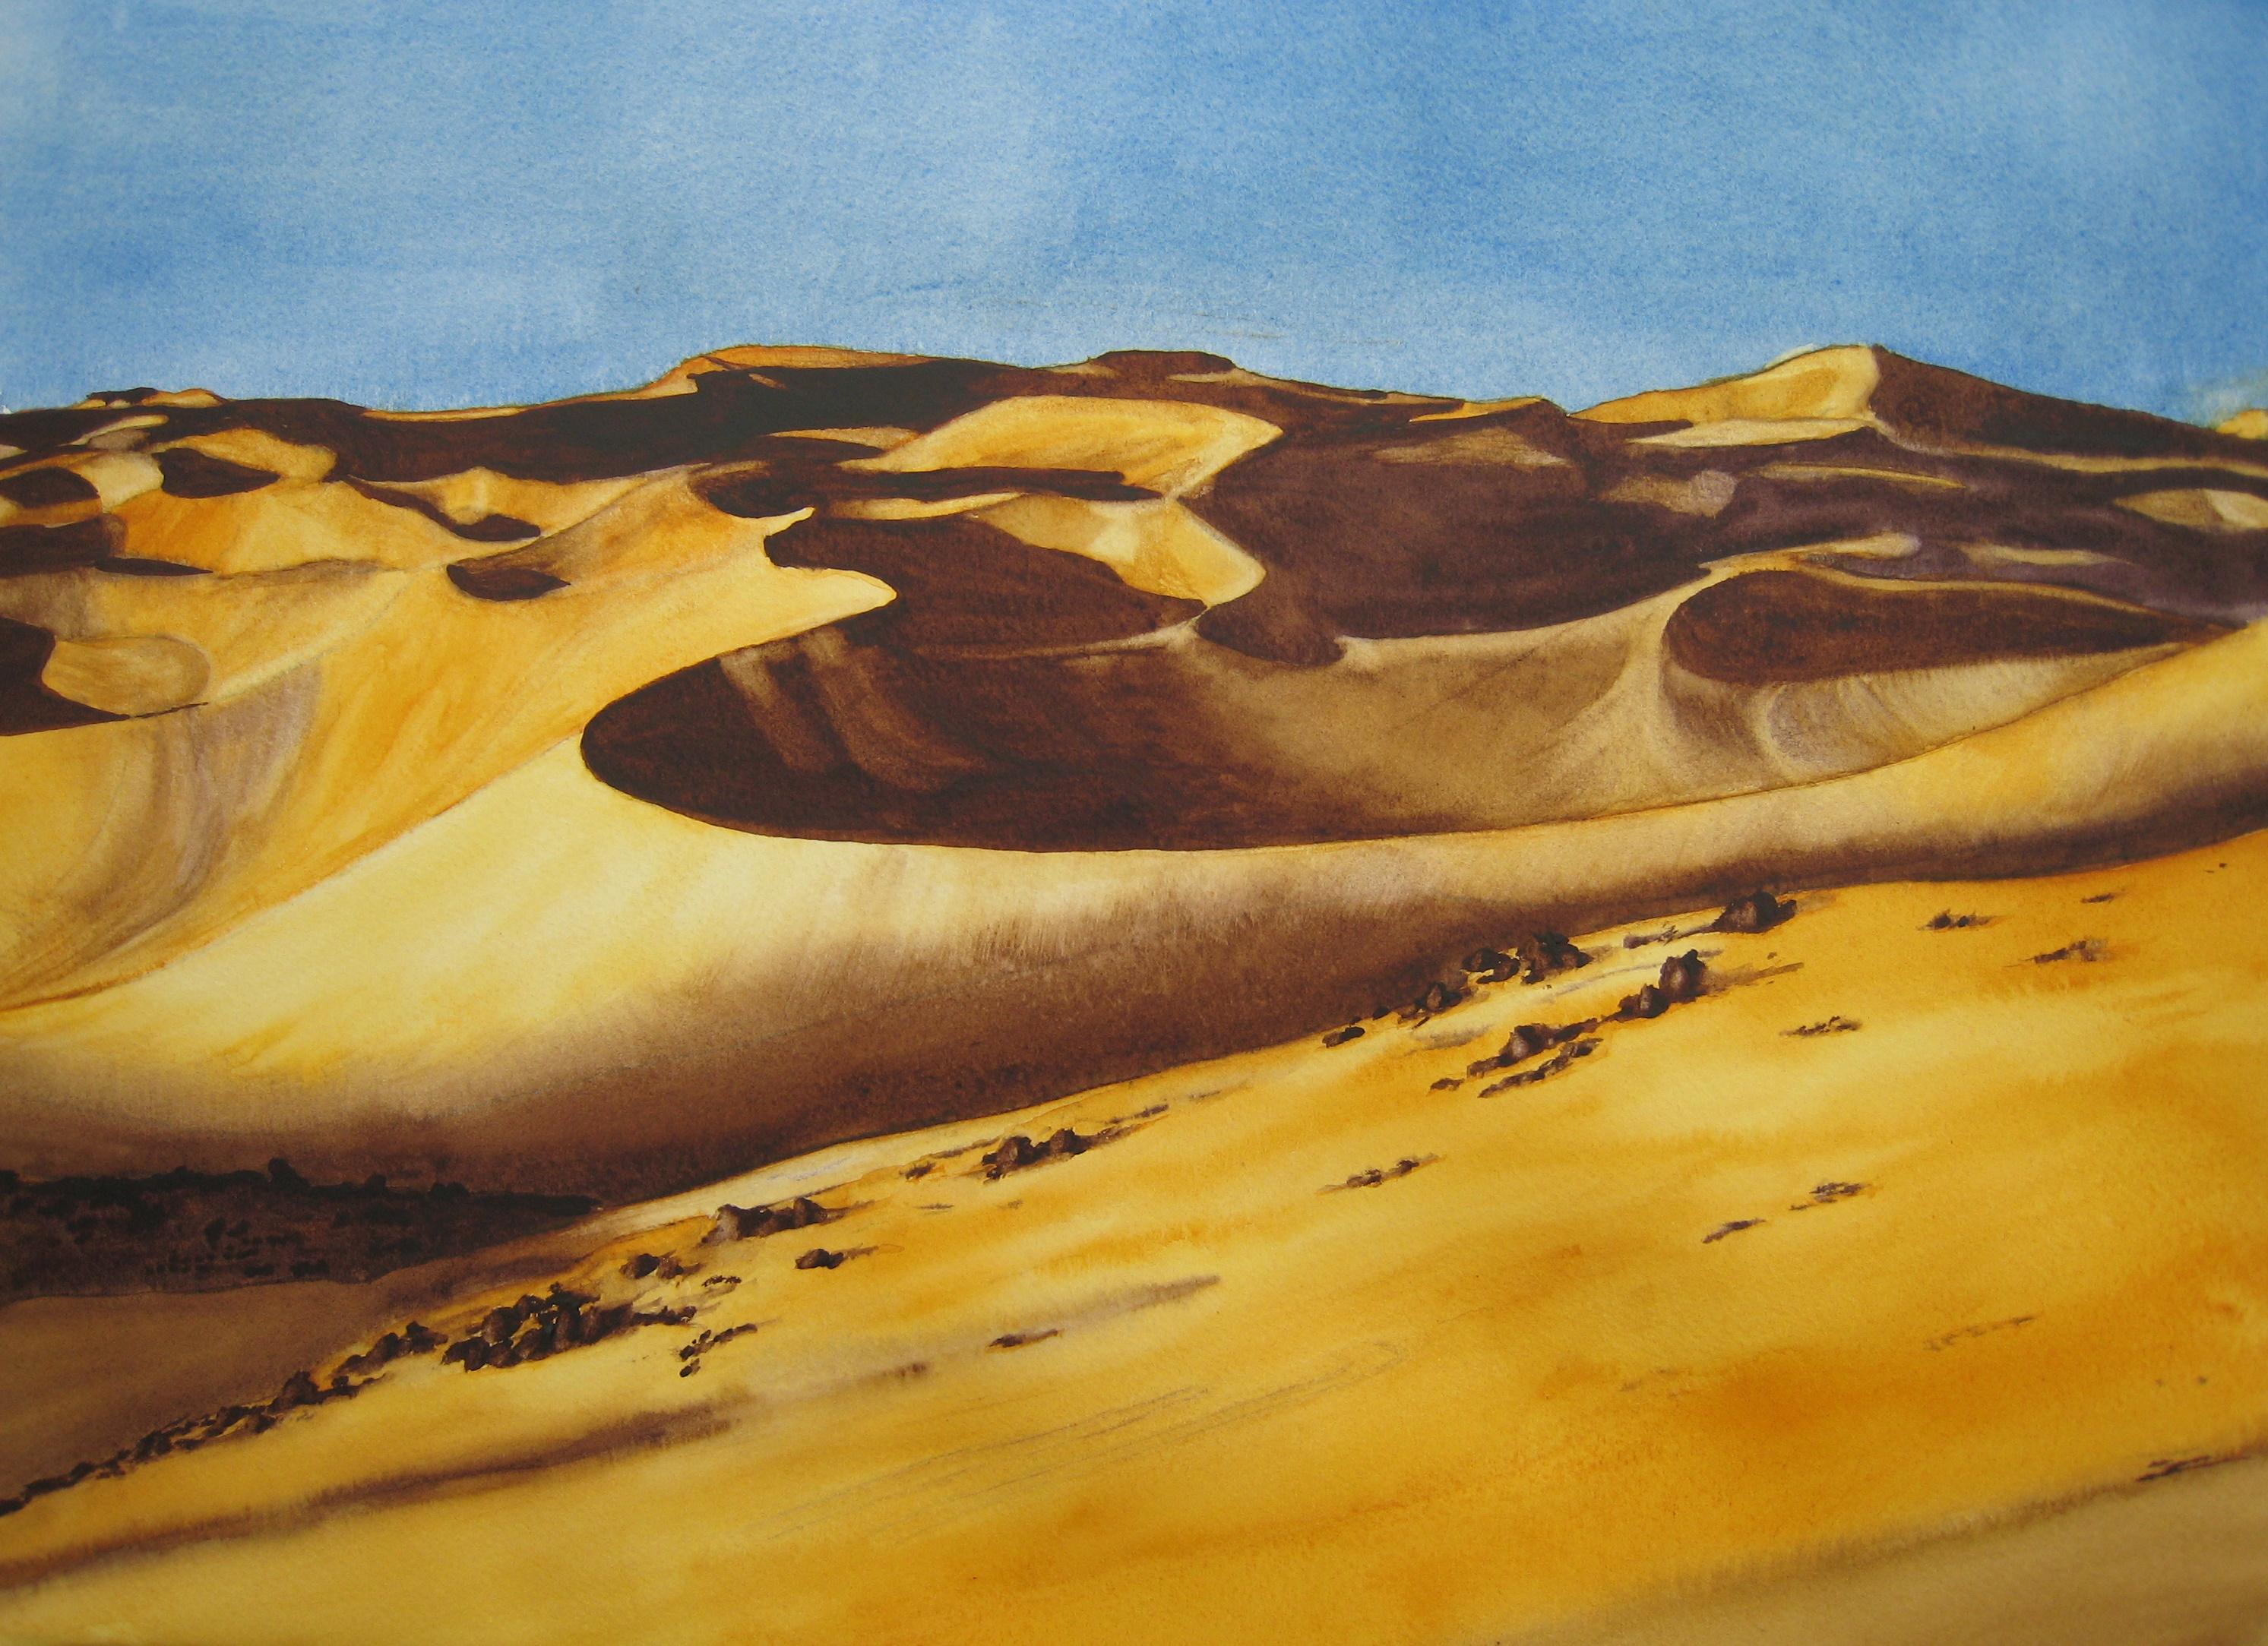 Le désert d'Abalan  (photo A Denis)